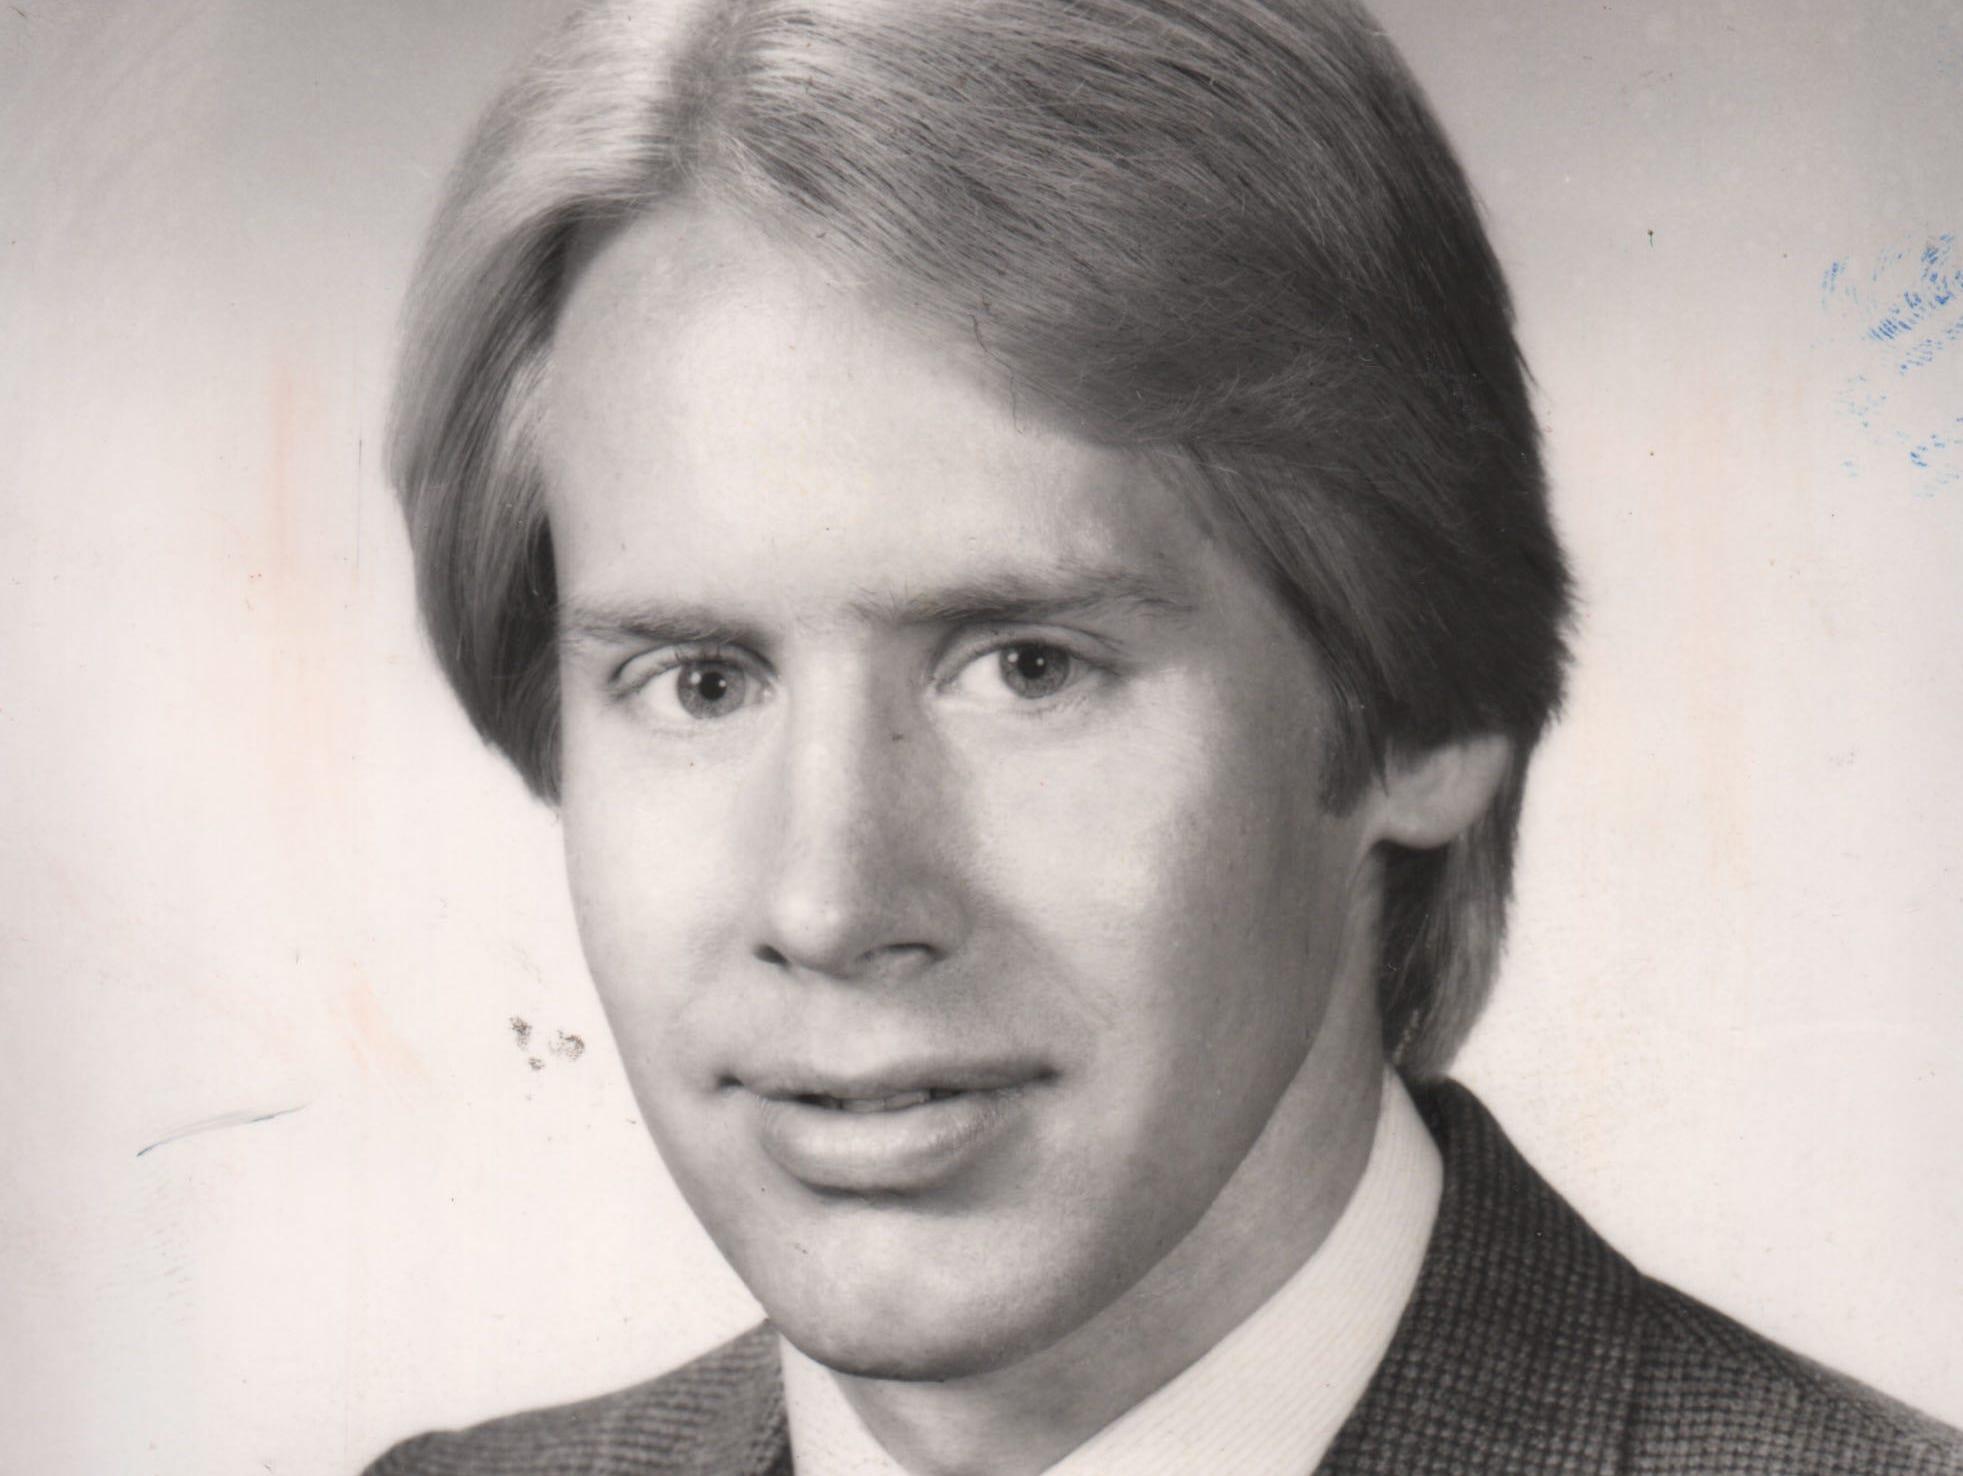 Carl Lindner III in 1981.